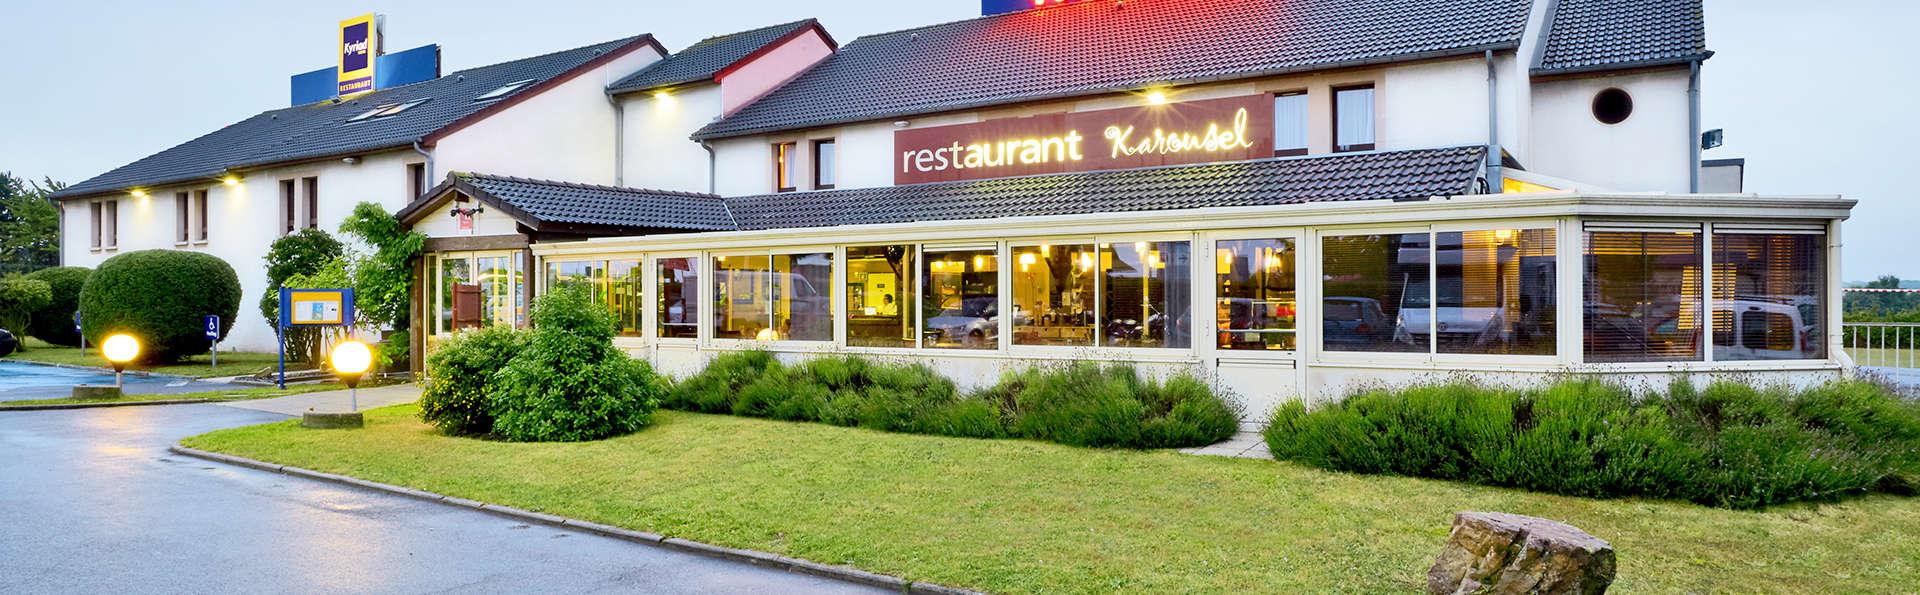 Hotel Kyriad Caen Sud Ifs - EDIT_Facade_1.jpg